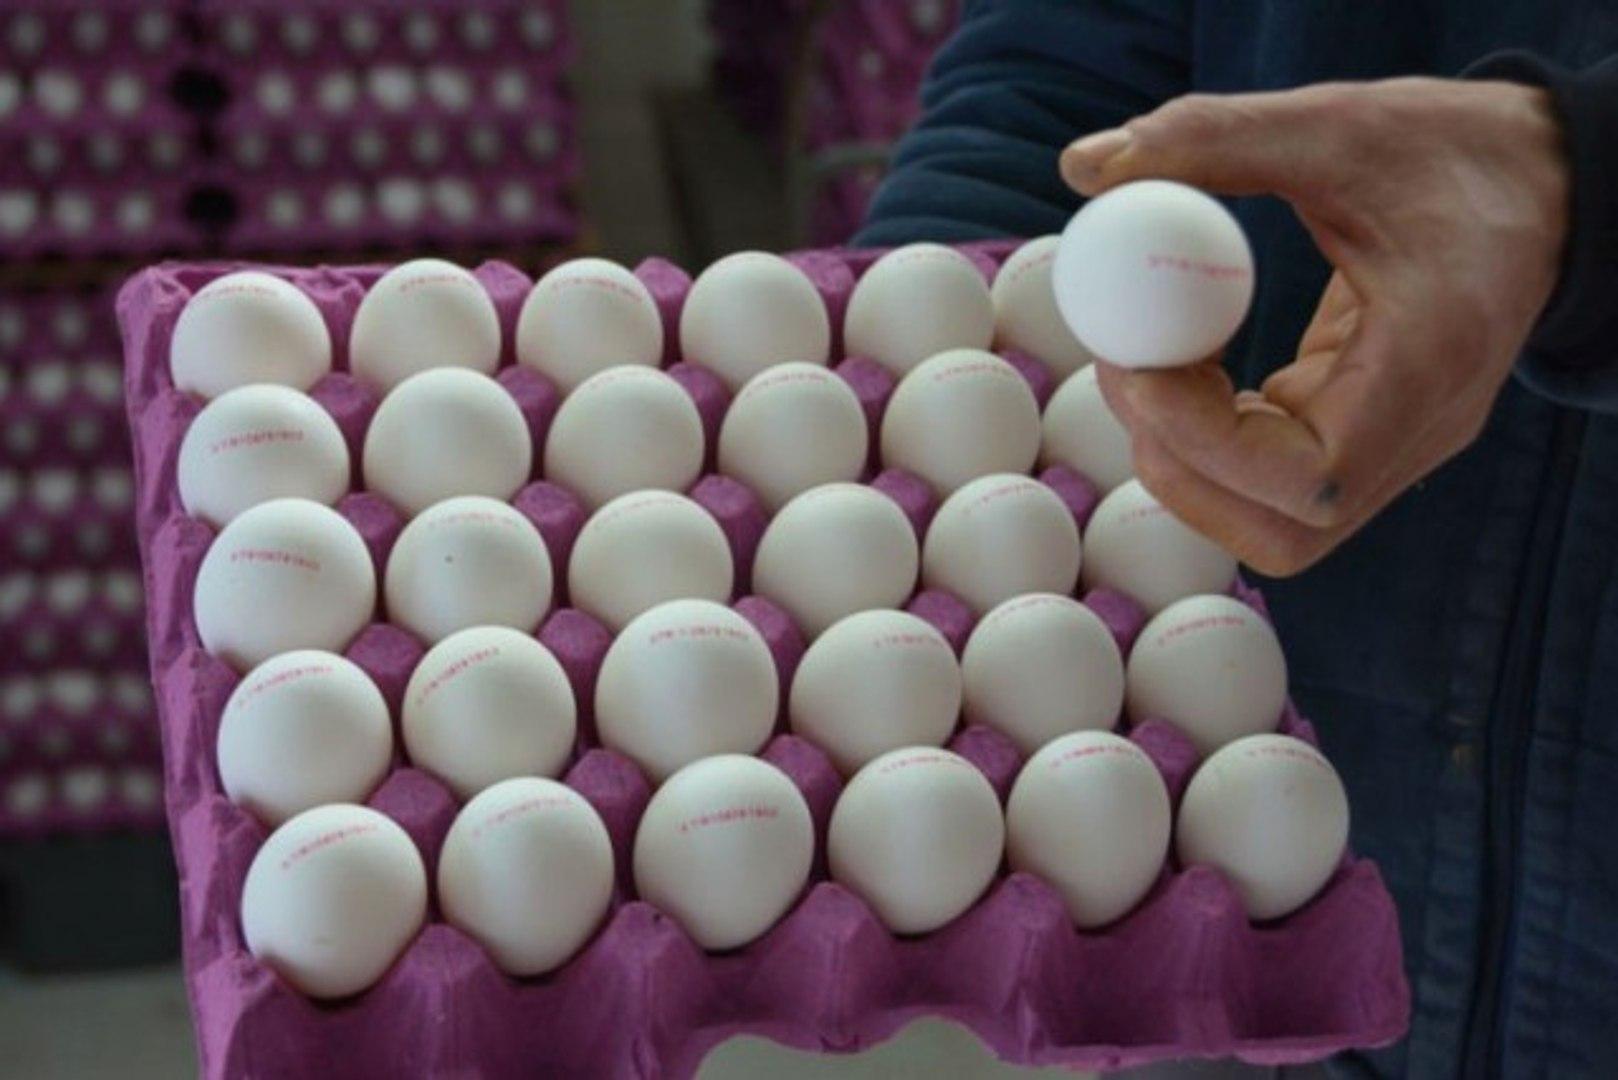 Yumurta Üreticilerinden İndirim Uyarısı: Herkesin Makul Karla Satması Gerekiyor